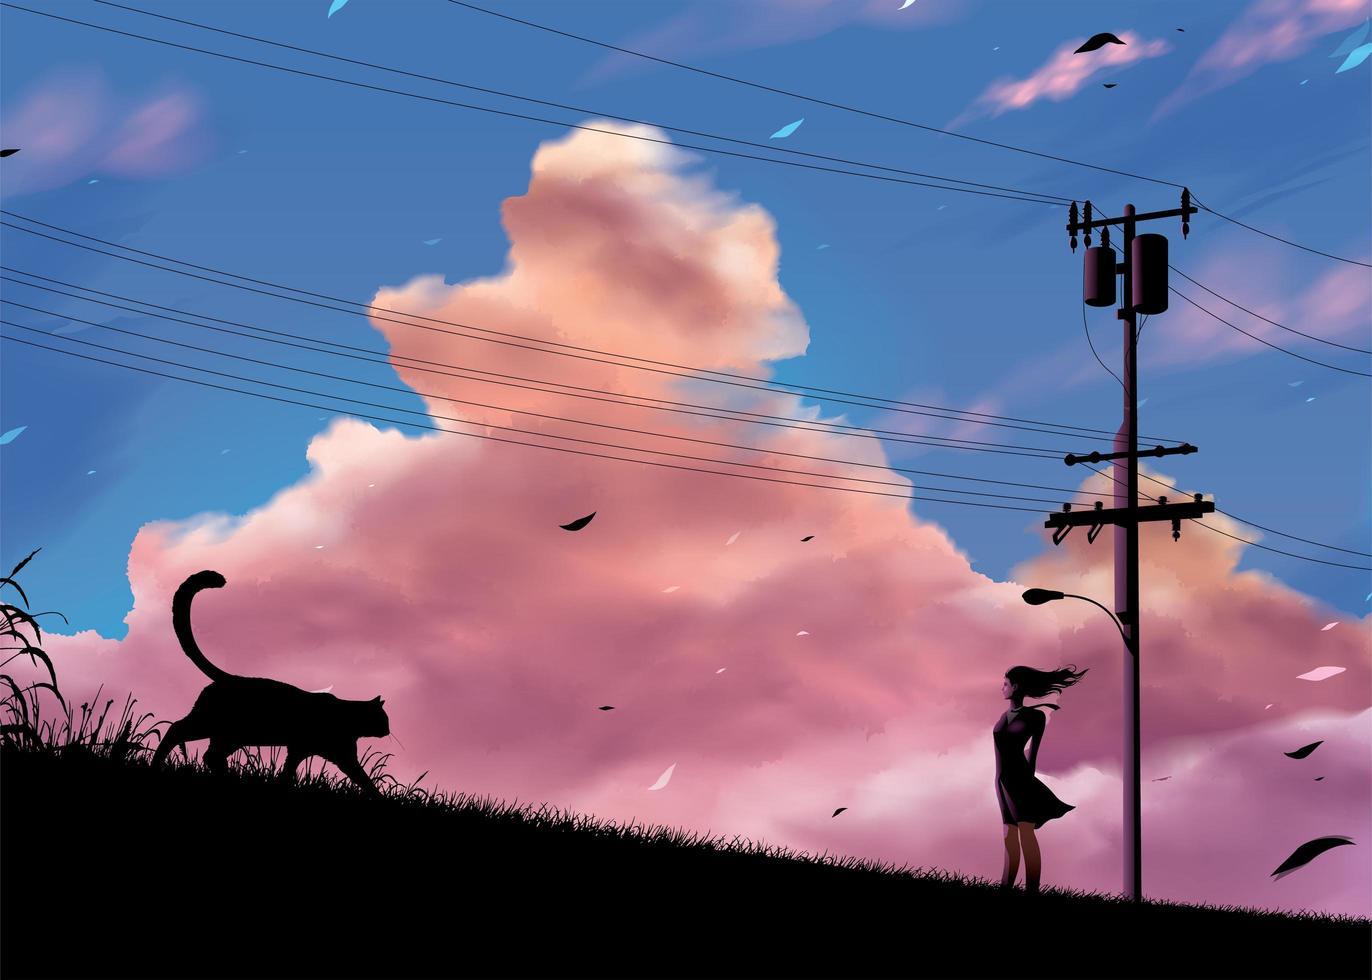 garota em pé na estrada no campo à noite vetor